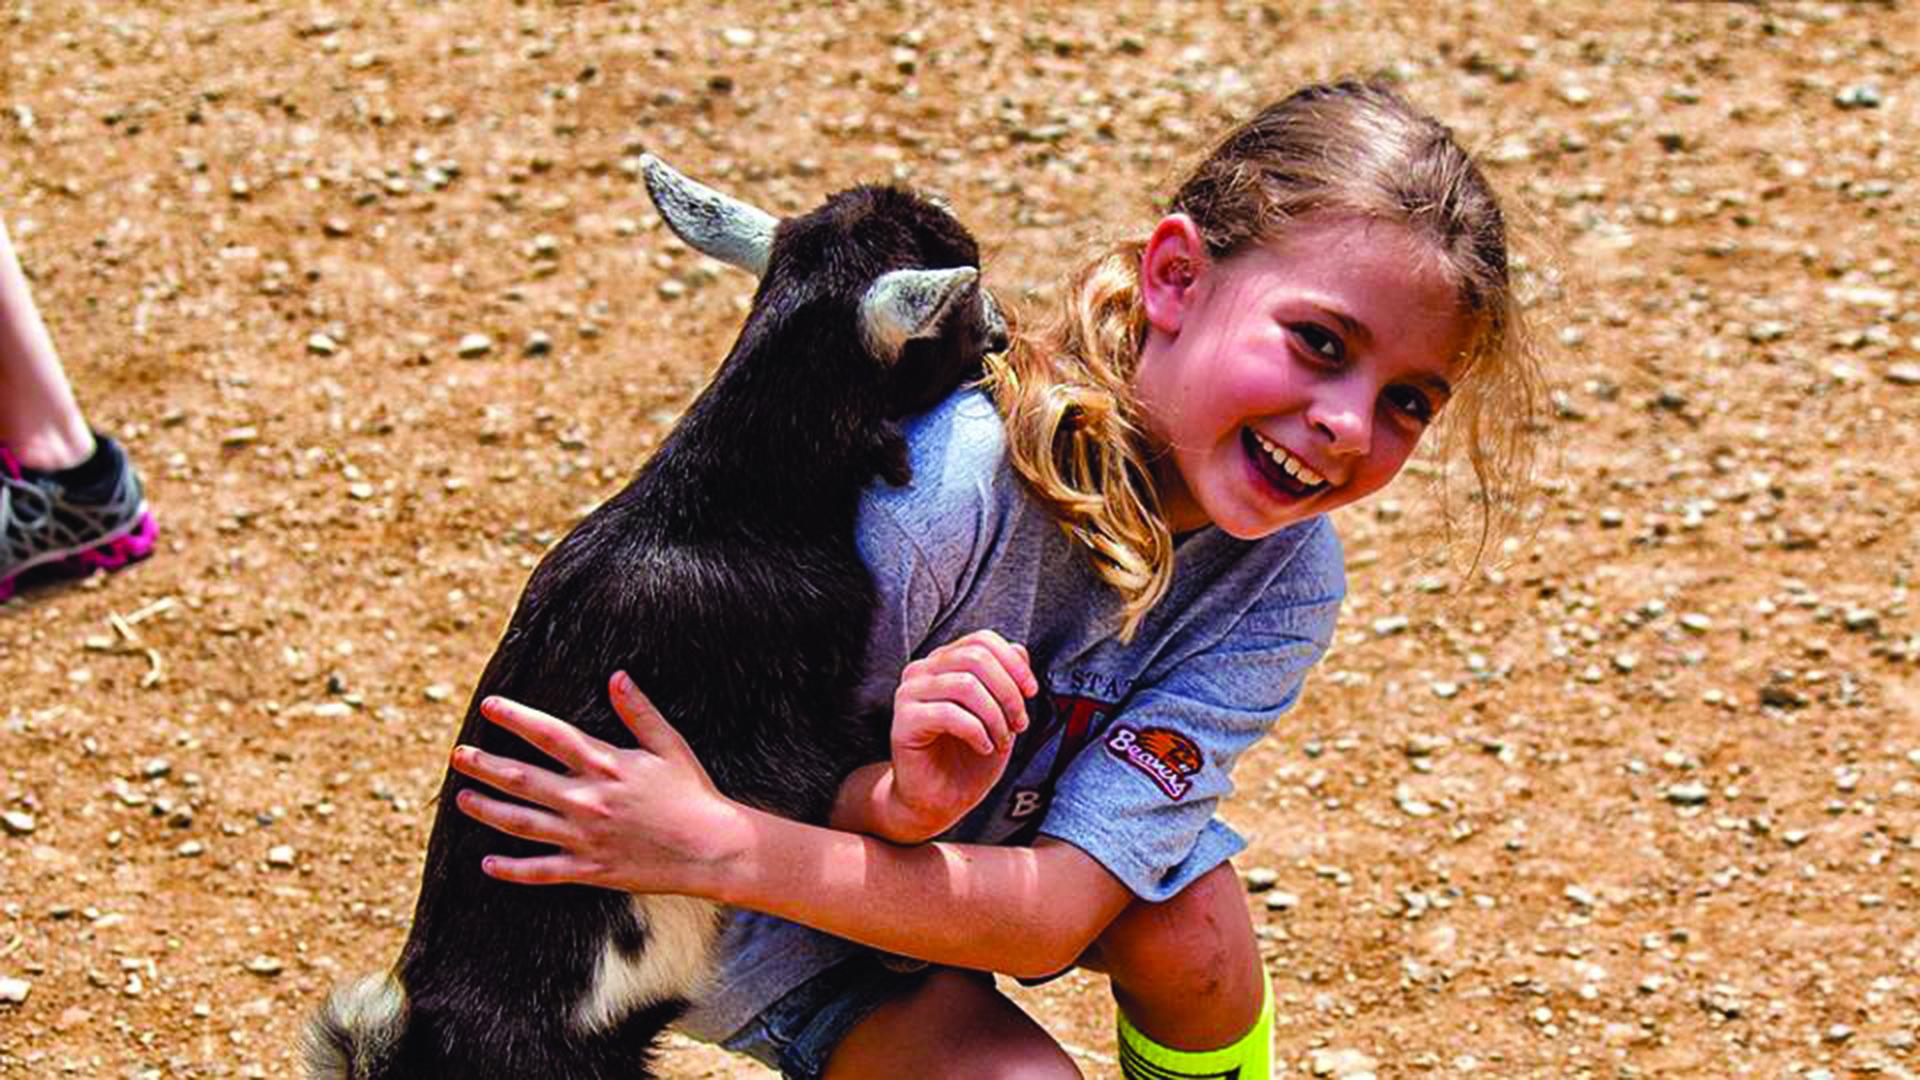 Goat hugging girl at Lake Tobias Wildlife Park